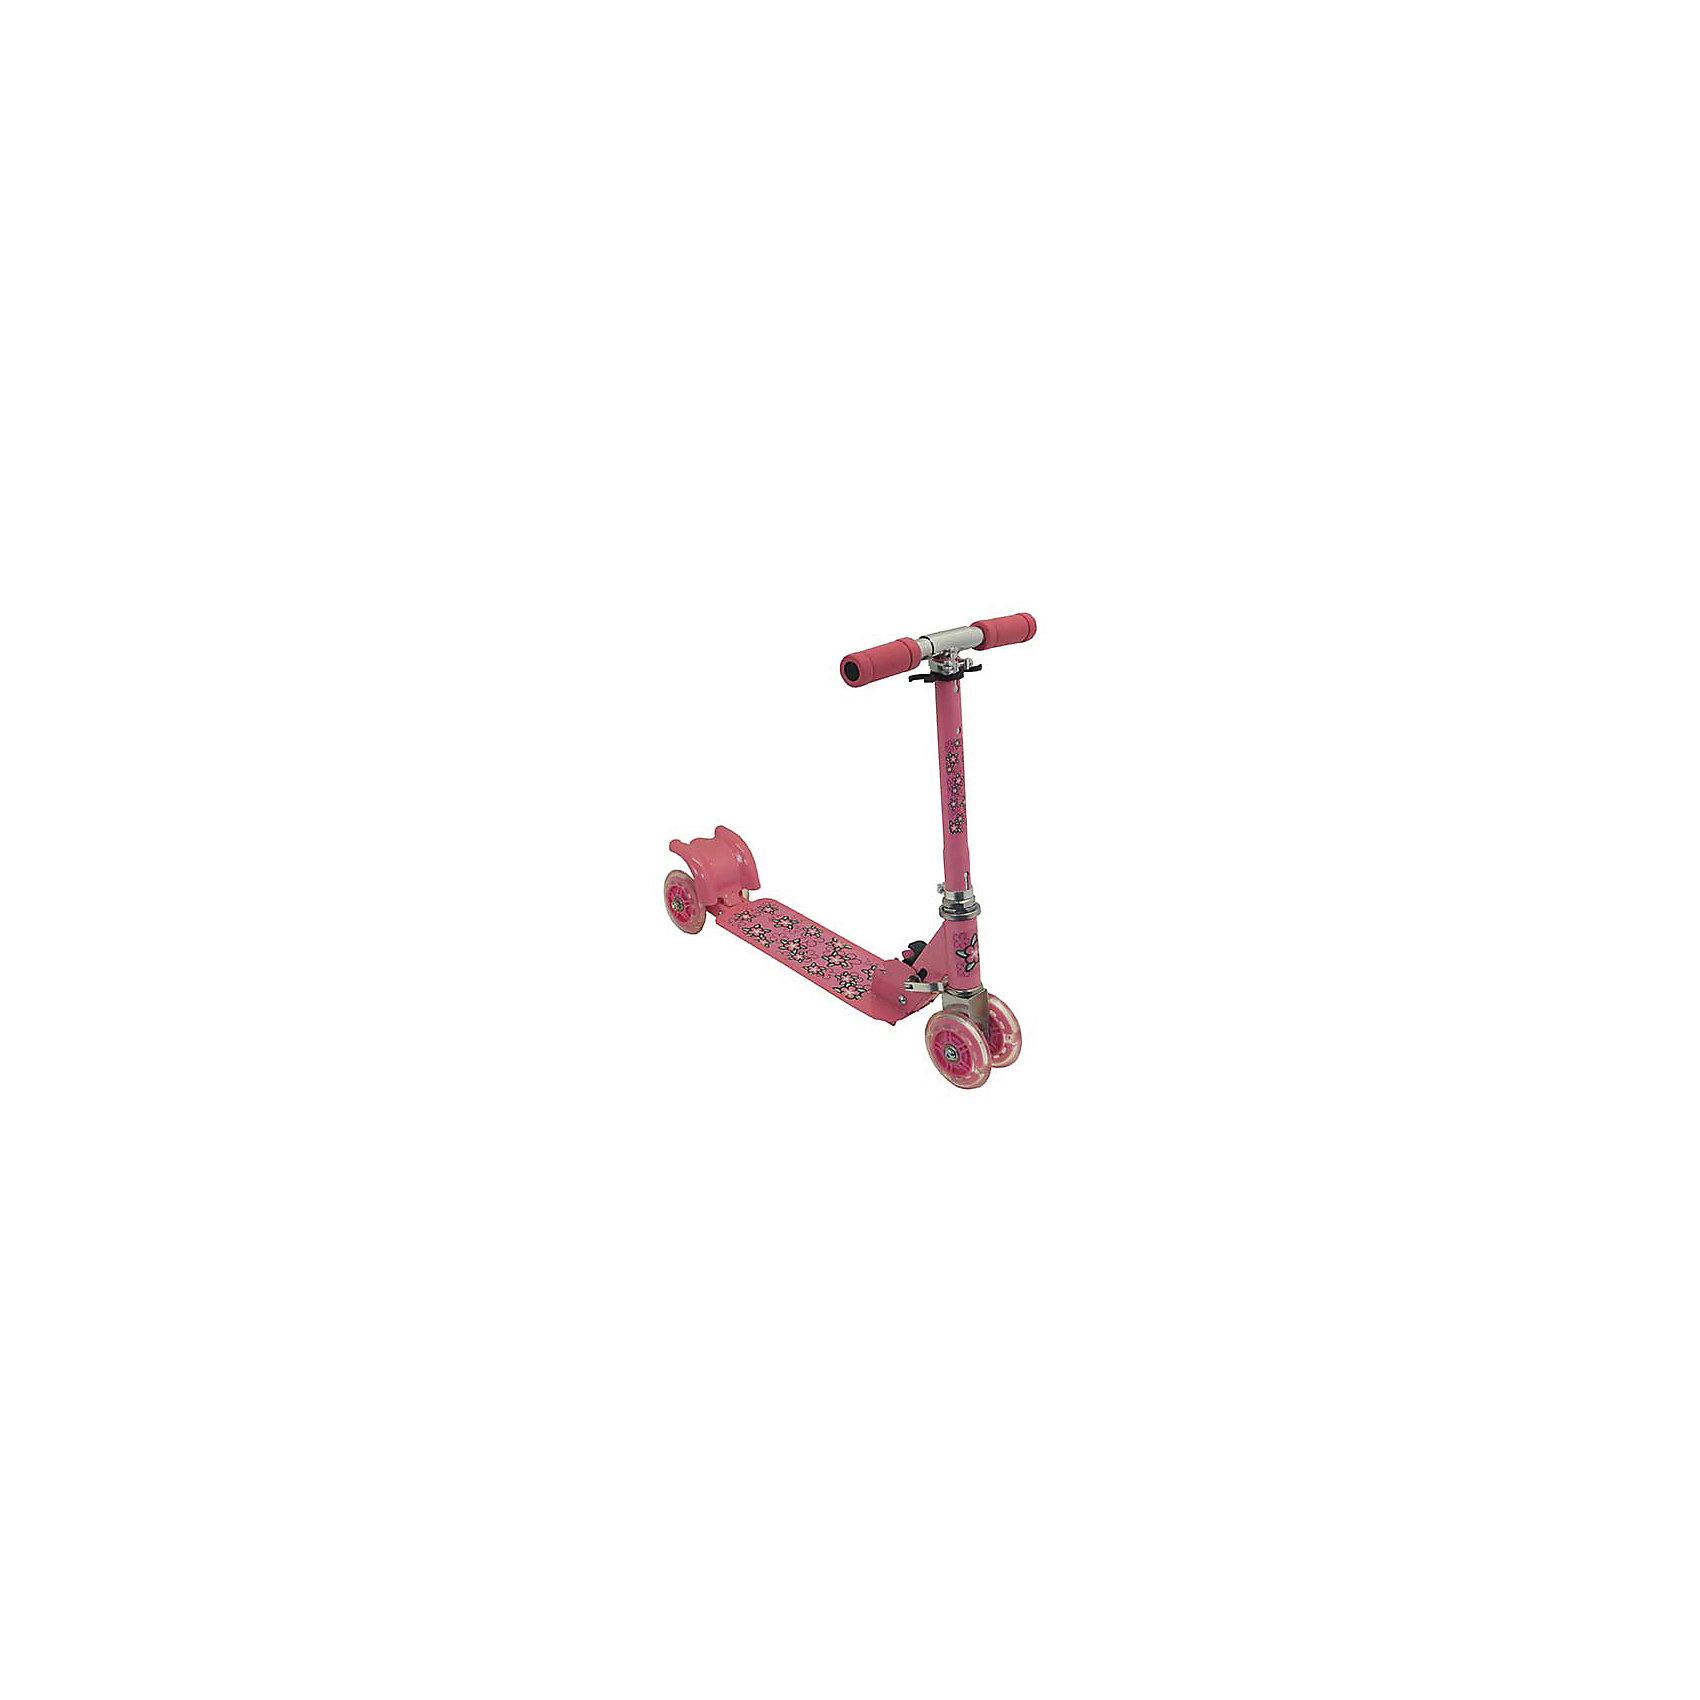 Самокат четырехколесный, колеса 98мм PVC, розовый, CharmingsportsСамокаты<br>Основные характеристики<br><br>Тип: четырехколесный, складной<br>Материал рамы: 100% сталь<br>Материал ручек: вспененный полипропилен<br>Размер деки: 330х105мм (с порошковым напылением)<br>Регулируемая высота рулевой стойки (макс. - 66см)<br>Материал колёс: поливинилхлорид<br>Размер колёс: 98мм (светящиеся)<br>Подшипник: ABEC-5<br>Максимальный вес пользователя: 20кг<br>Вес: 2.17кг<br>Цвет: розовый<br>Вид использования: любительское катание на самокате<br>Страна-производитель: Китай<br>Упаковка: индивидуальная цветная коробка<br><br>Преимущества самоката CMS010:<br><br>- необычные светящиеся колеса;<br>- простая в использовании система торможения с помощью заднего колеса (достаточно наступить на педаль тормоза, расположенную над задним колесом);<br>- надежная устойчивая складная конструкция;<br>- мягкие ручки.<br><br>Ширина мм: 540<br>Глубина мм: 100<br>Высота мм: 160<br>Вес г: 2170<br>Возраст от месяцев: 36<br>Возраст до месяцев: 84<br>Пол: Унисекс<br>Возраст: Детский<br>SKU: 5514779